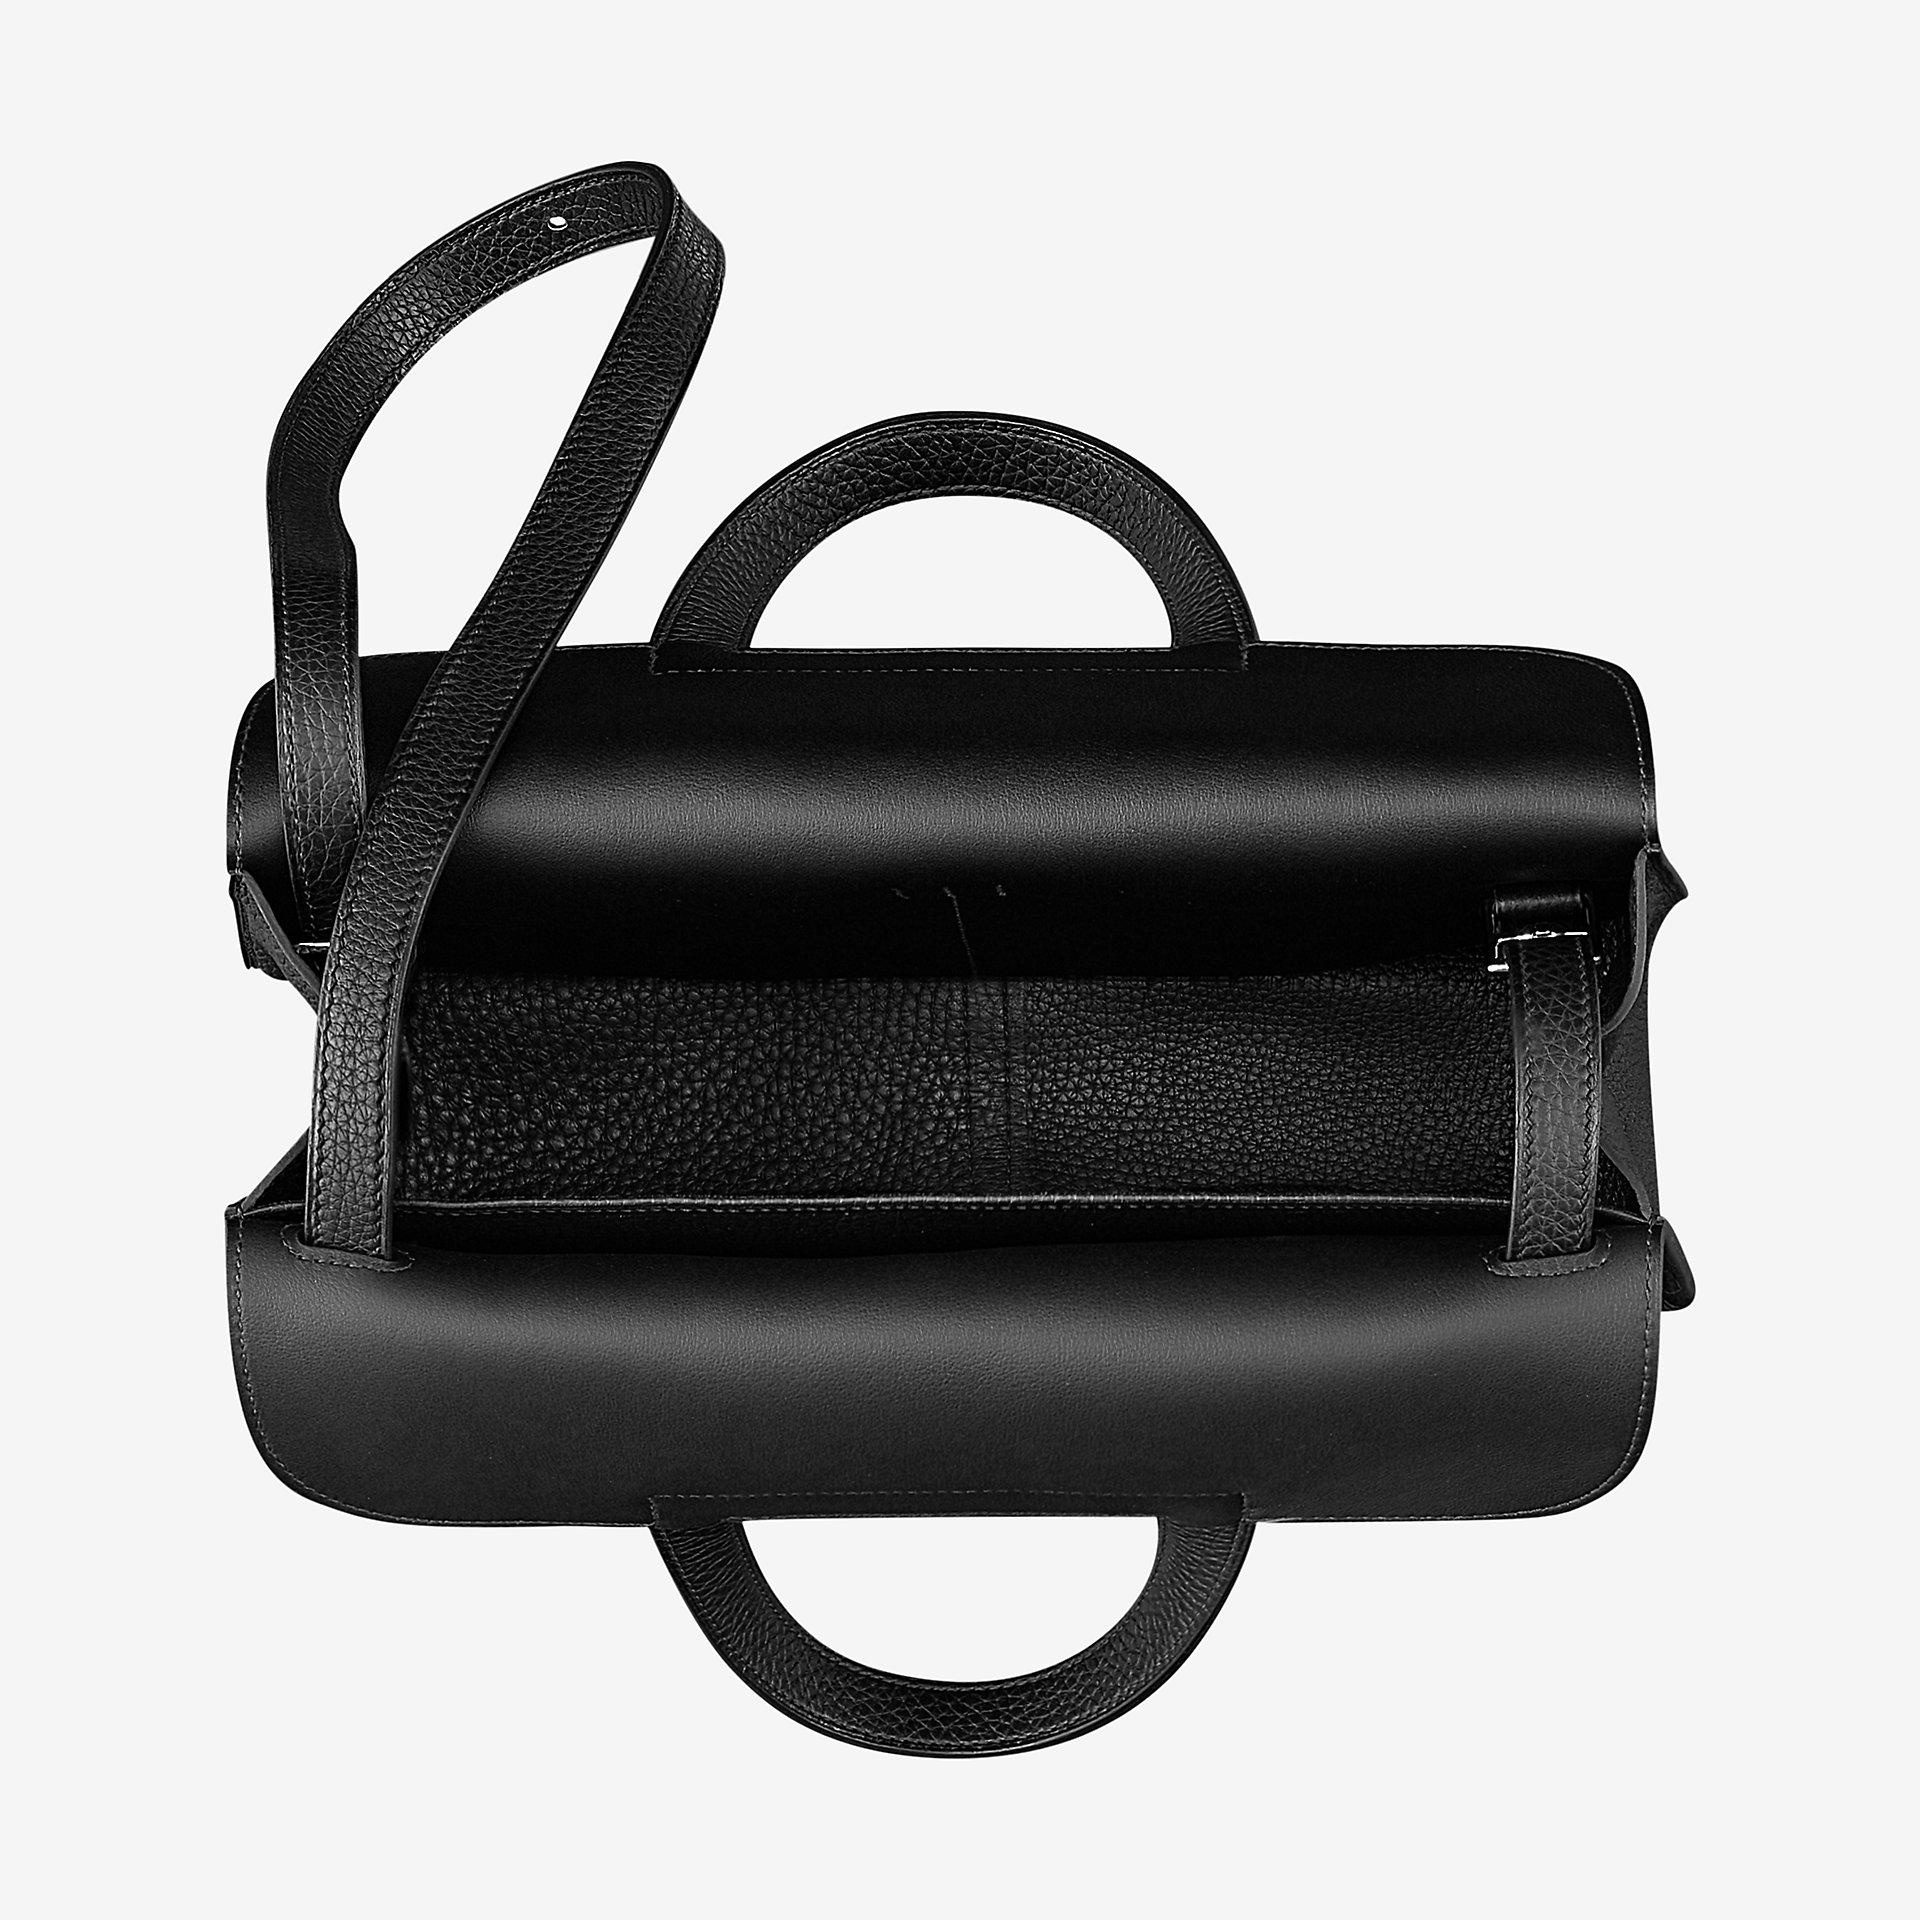 爱马仕Hermes Halzan 31cm bag Clemence小公牛皮手提包